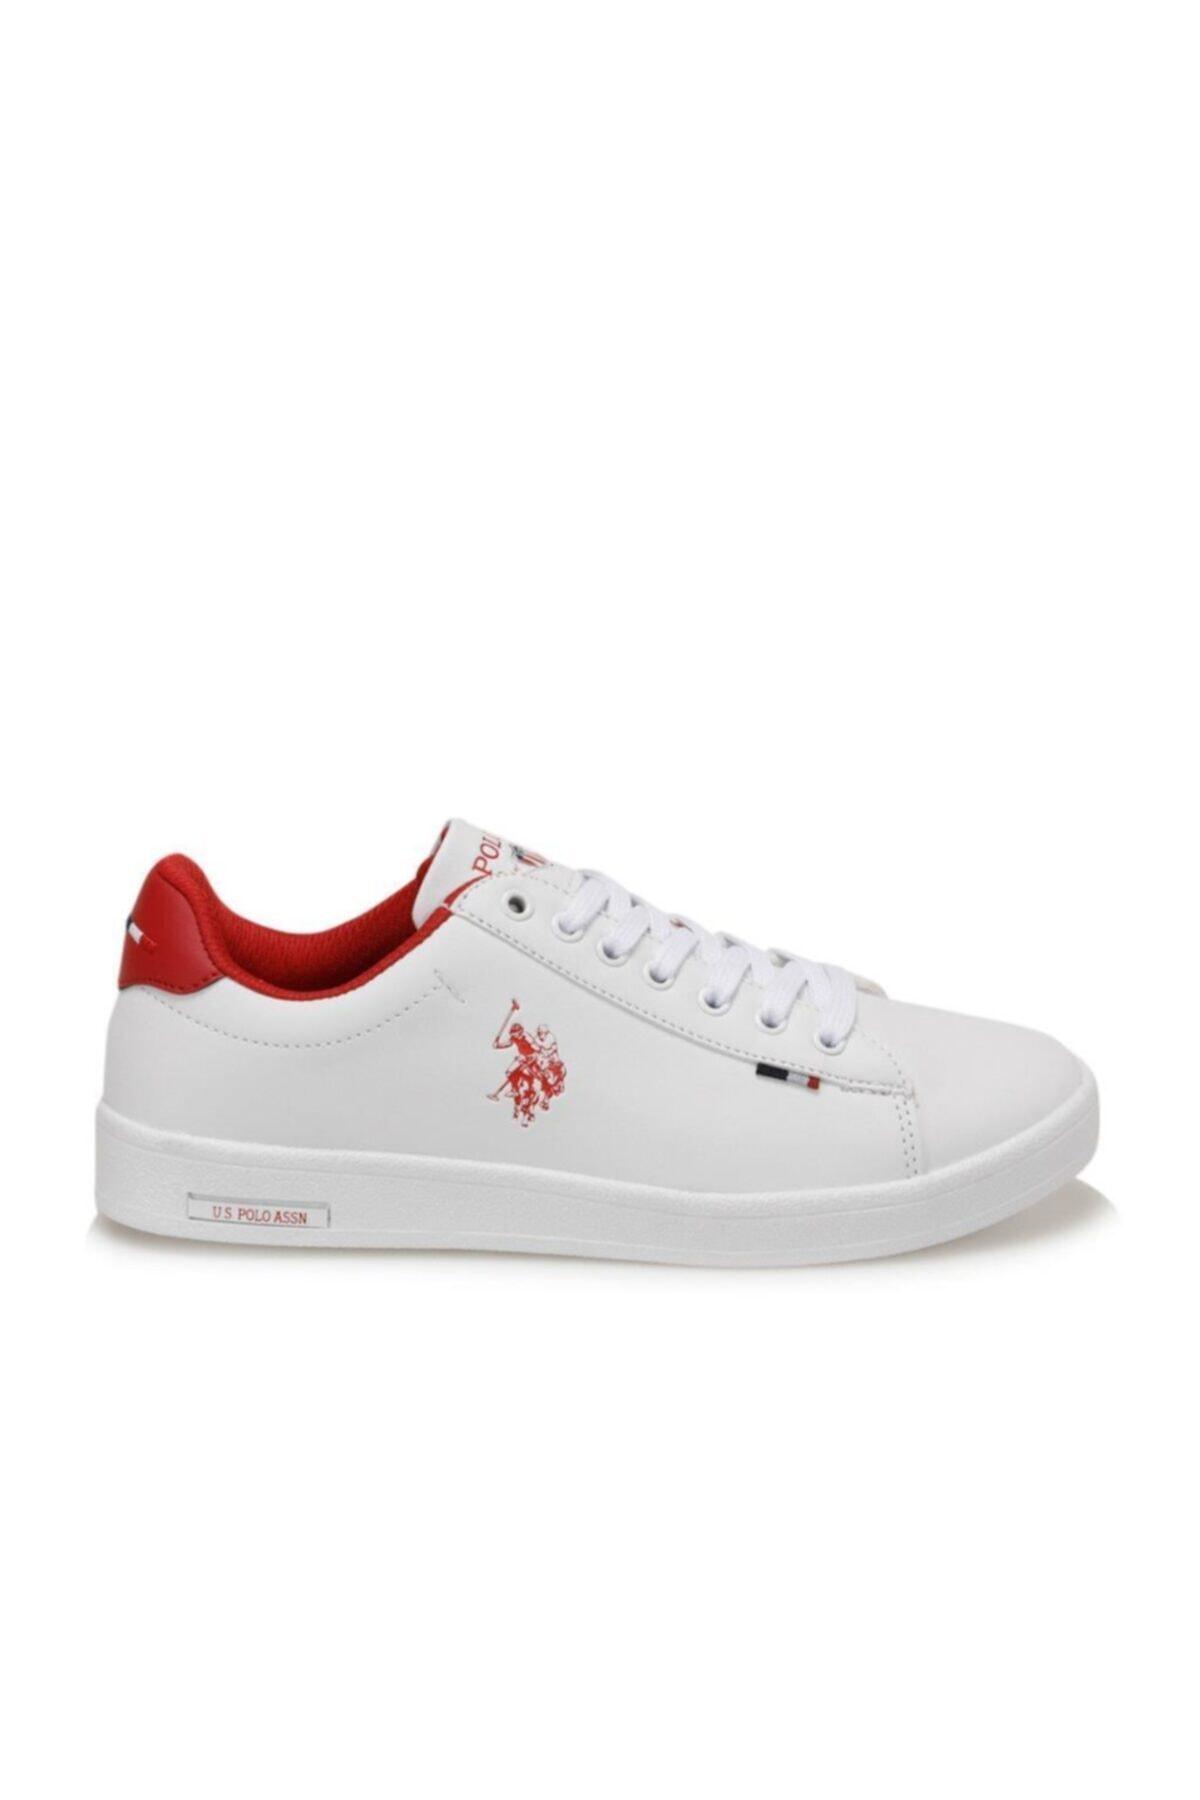 U.S. Polo Assn. FRANCO DHM Beyaz  Sneaker Ayakkabı 100548973 2